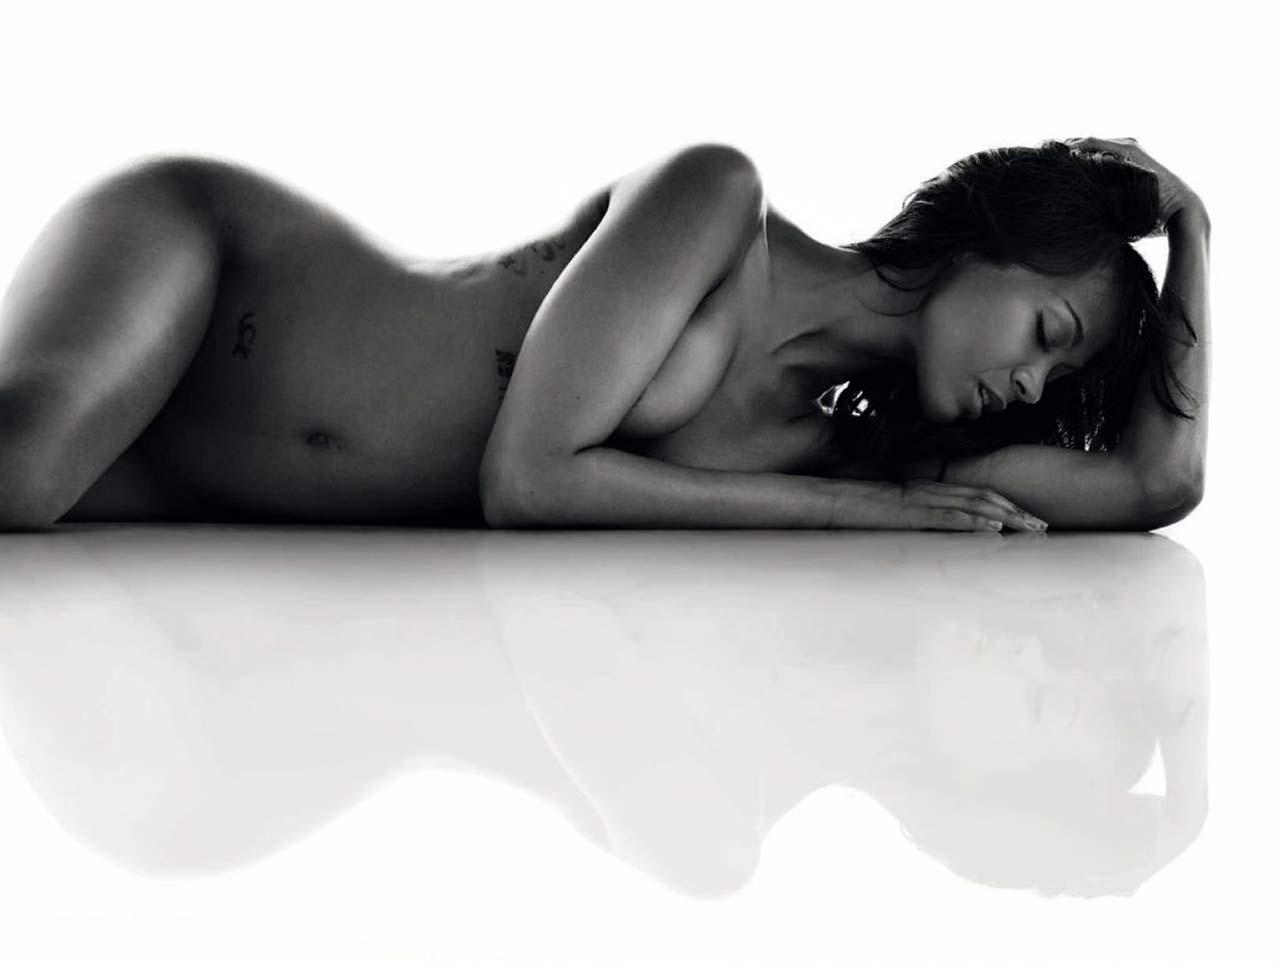 Zoe Saldana Nude At Age 40  Hot Photos U Need To See -2266